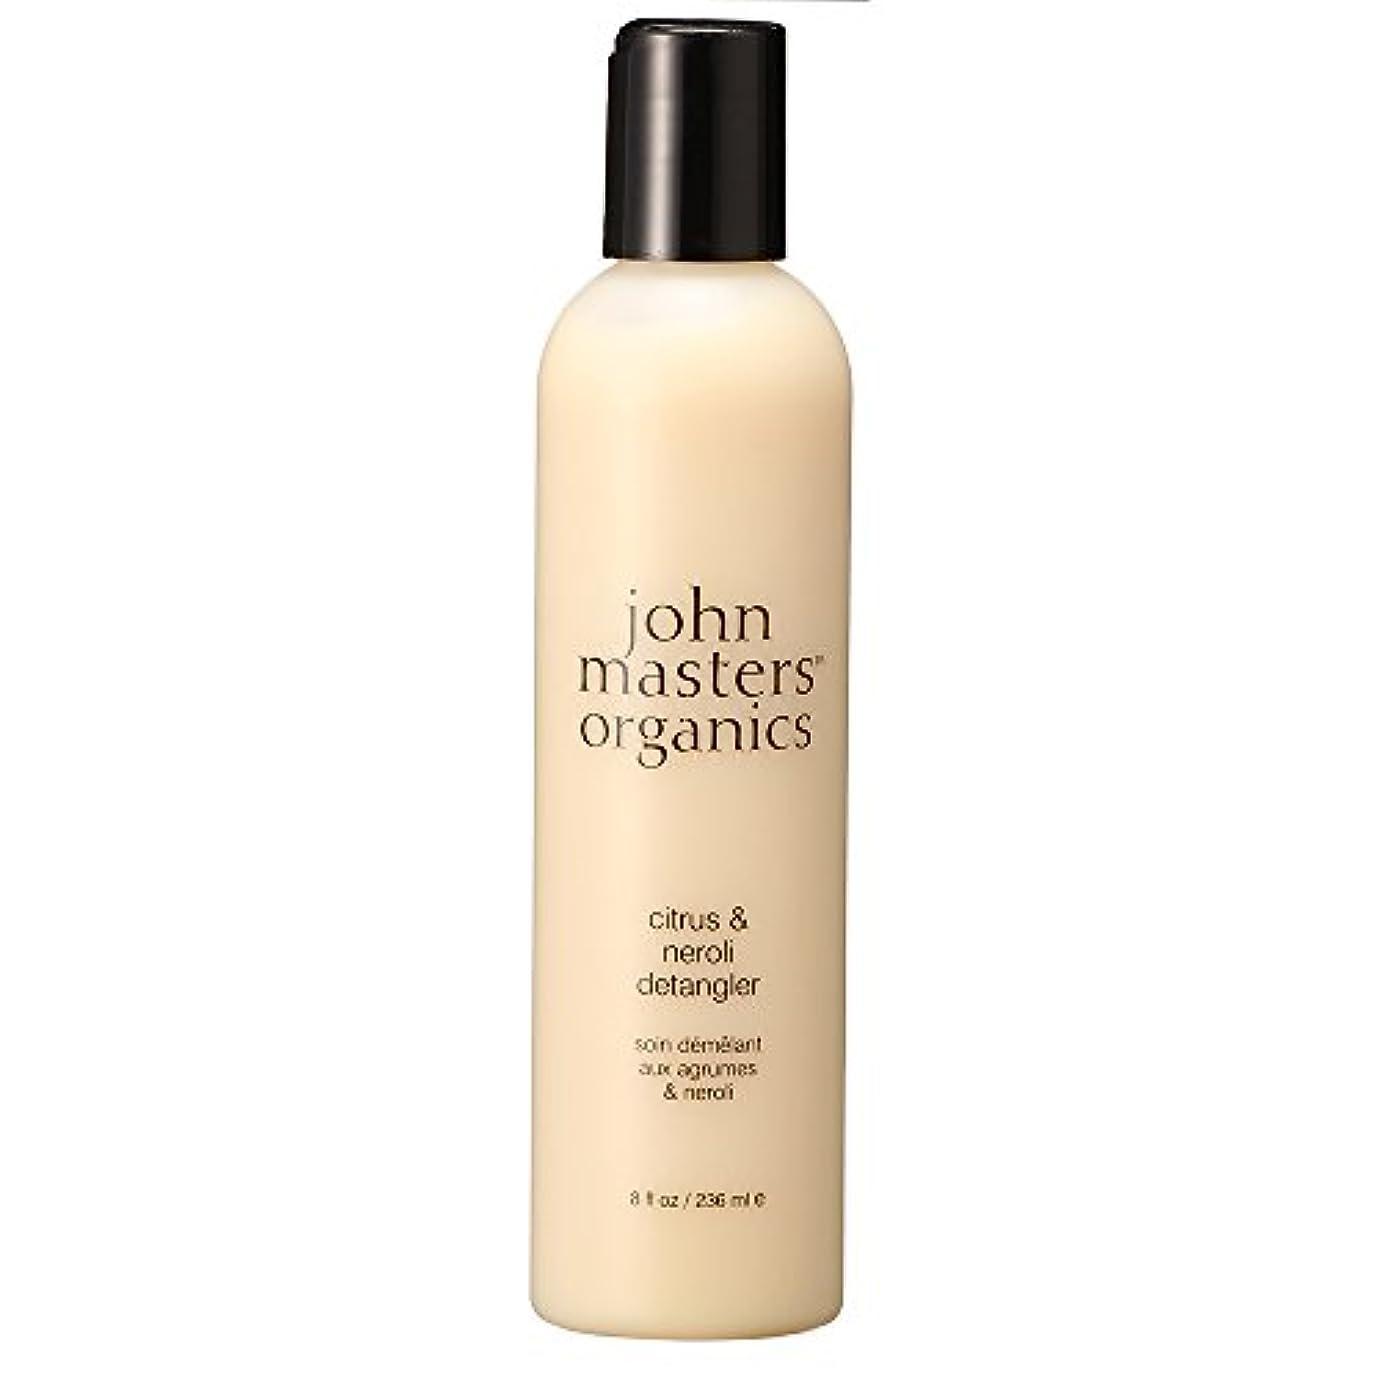 ペデスタルタンパク質ケージJohnMastersOrganics(John Masters Organics ジョンマスター)オーガニック シトラス&ネロリ デタングラー ヘアケア Hair Care CD 669558-500068 【コンディショナー】